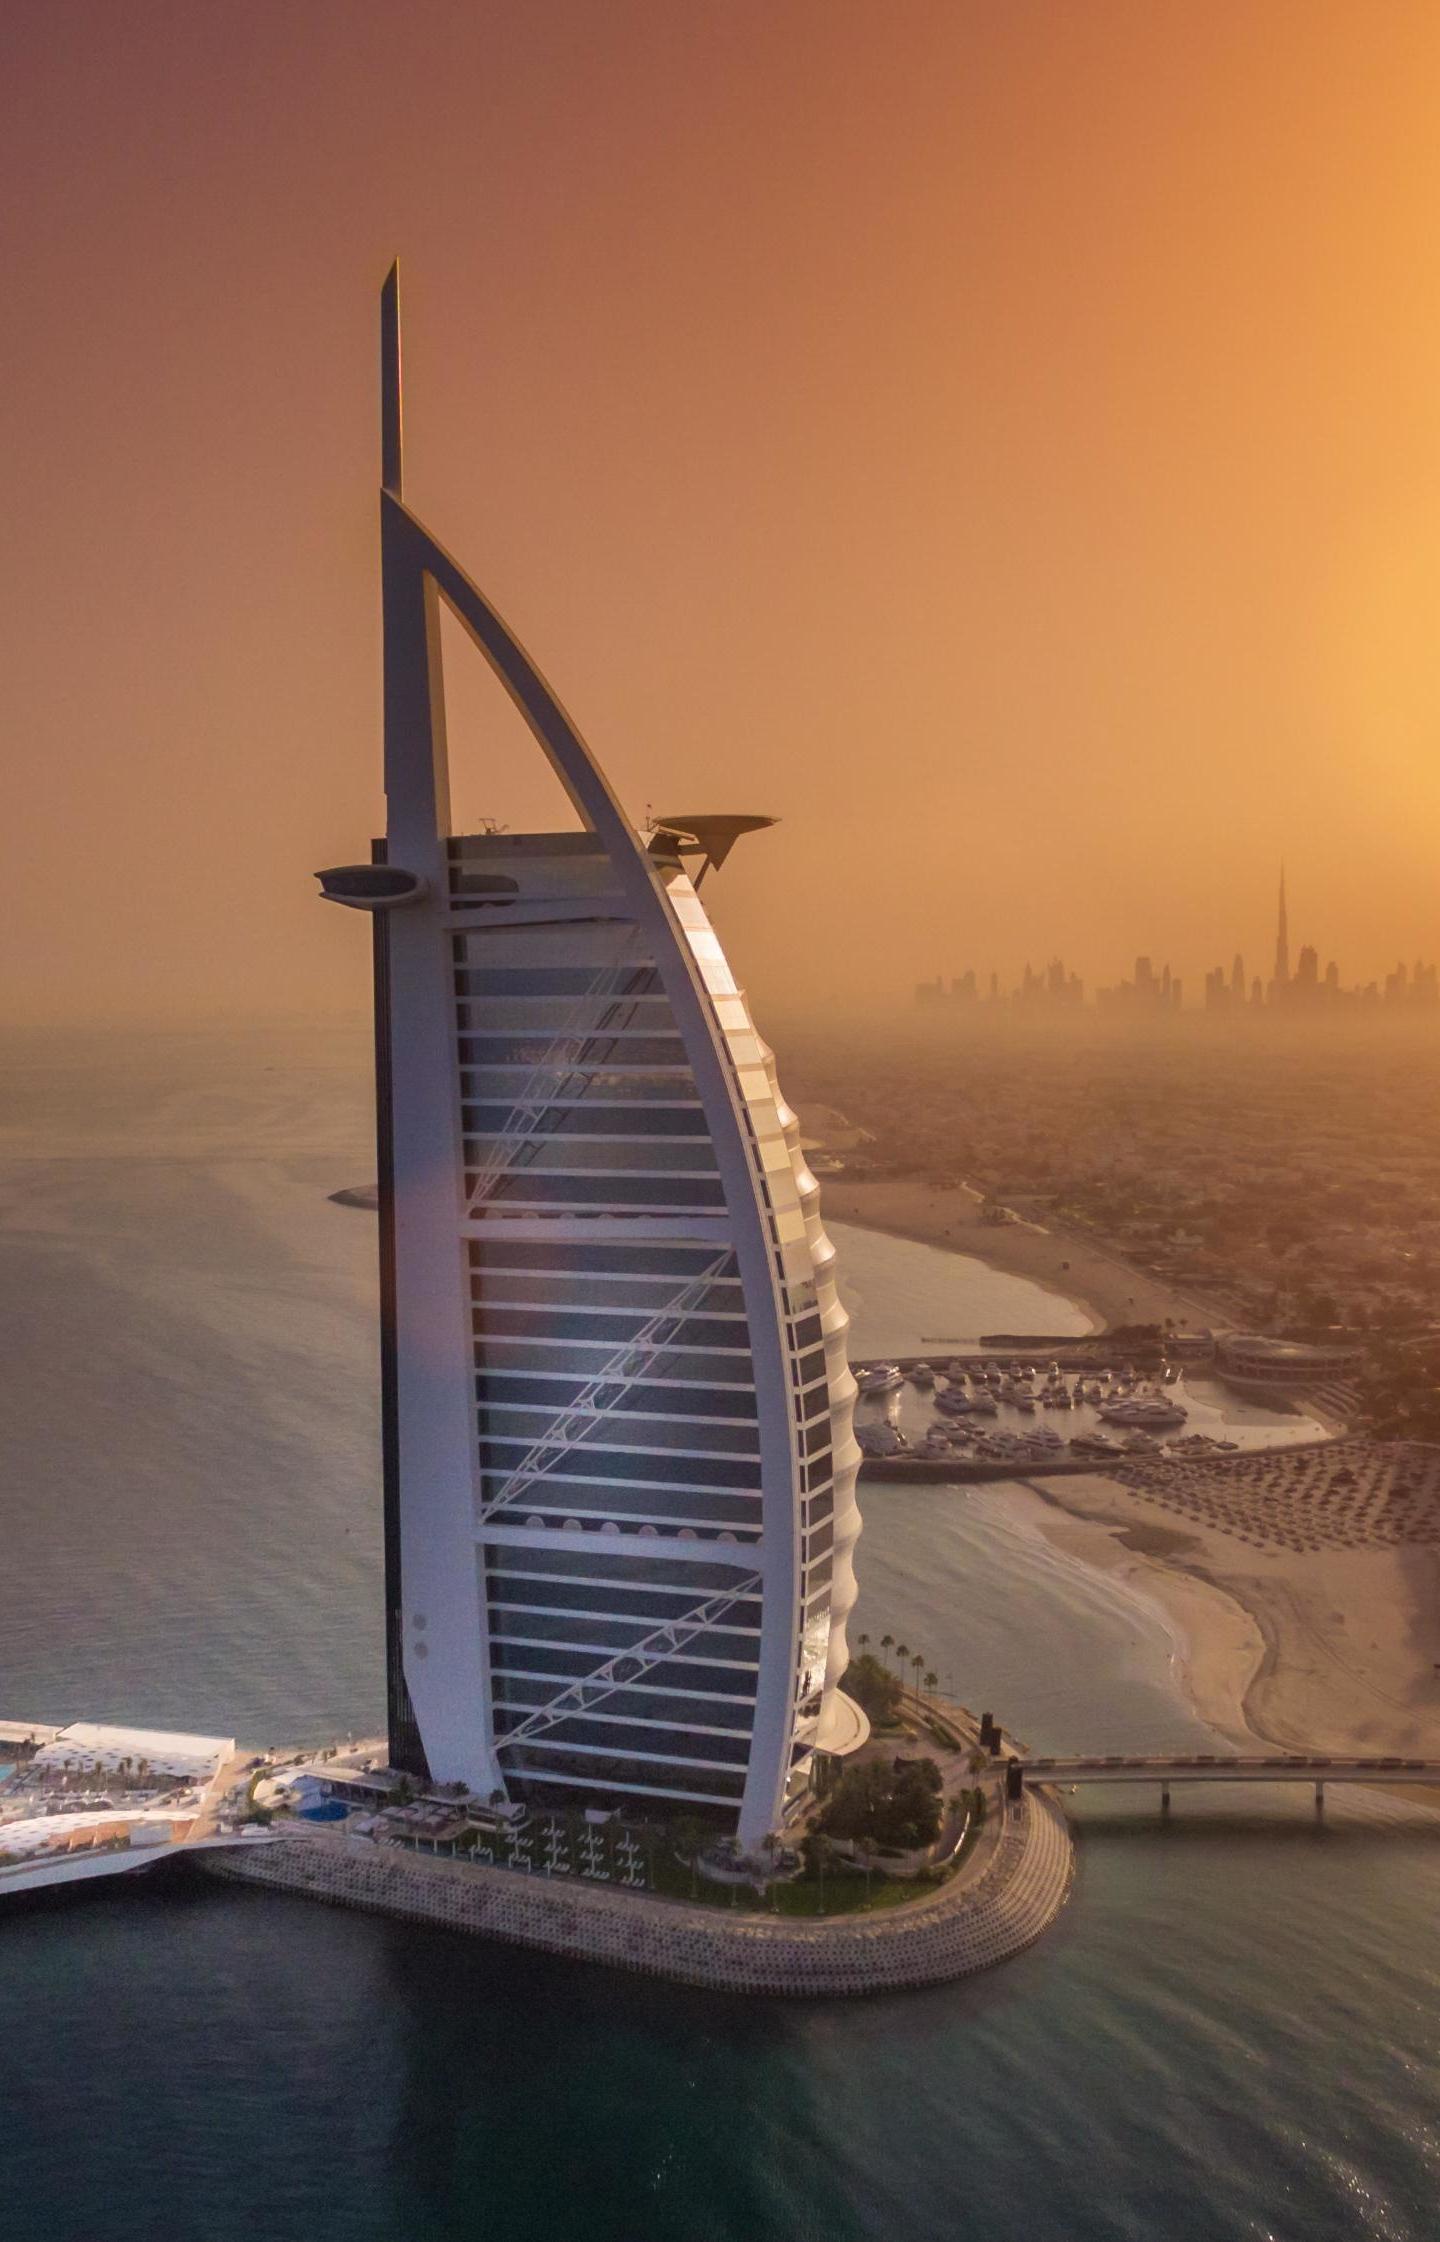 Download 1440x2880 wallpaper cityscape, aerial view, dubai, burj al